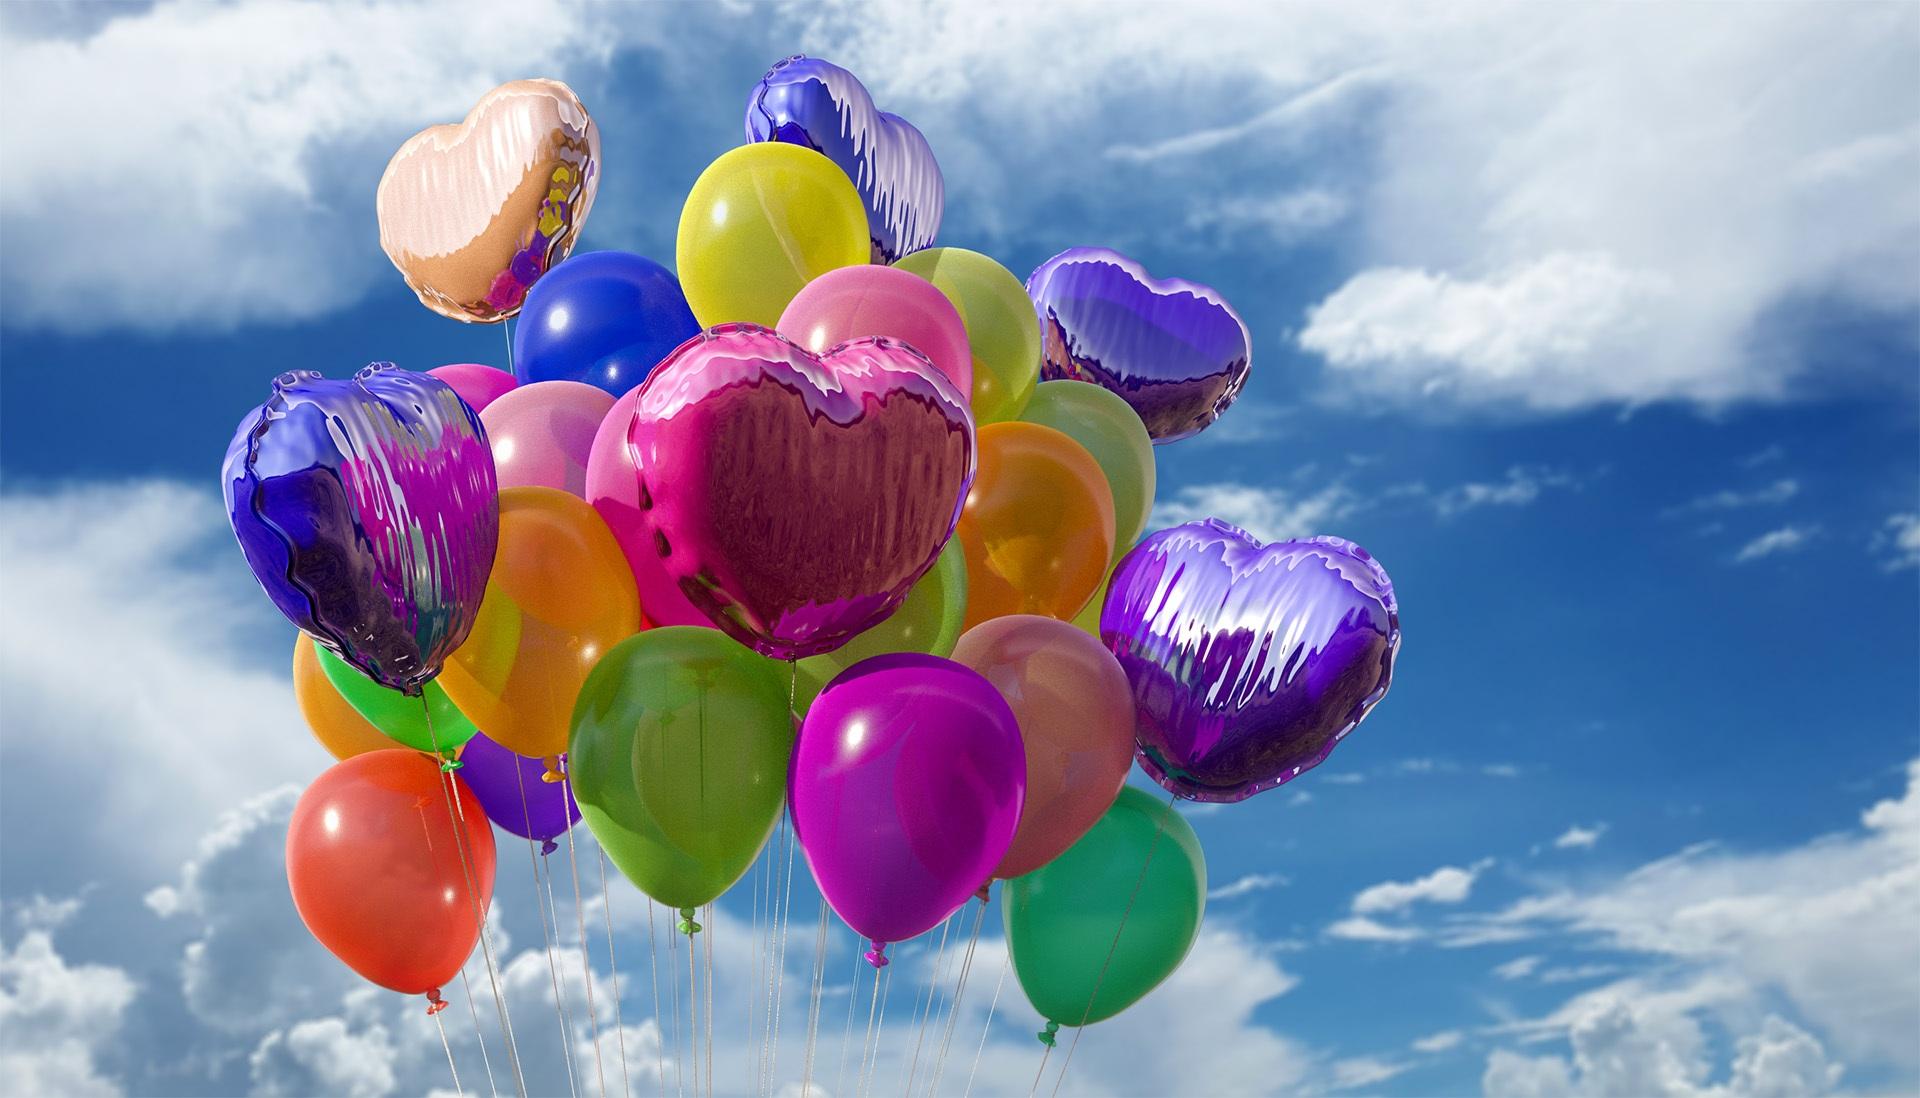 download wallpaper: kleurige ballonnen wallpaper